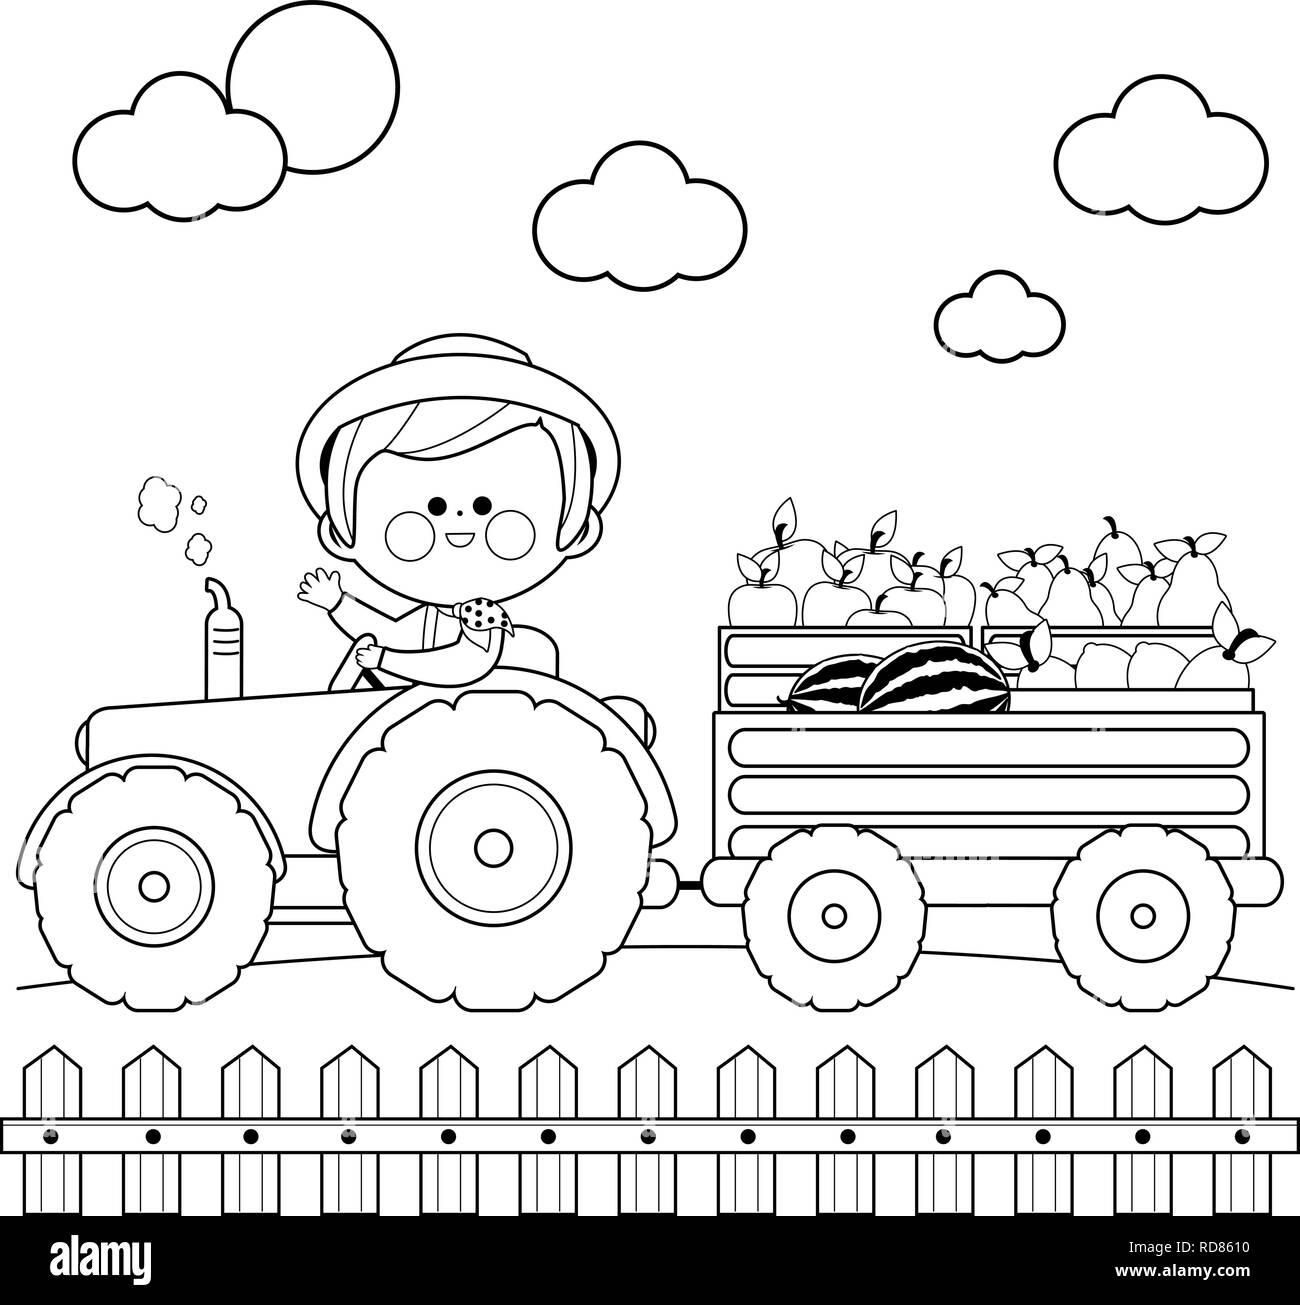 Fermier A La Ferme Et Conduire Un Tracteur Transportant Des Fruits